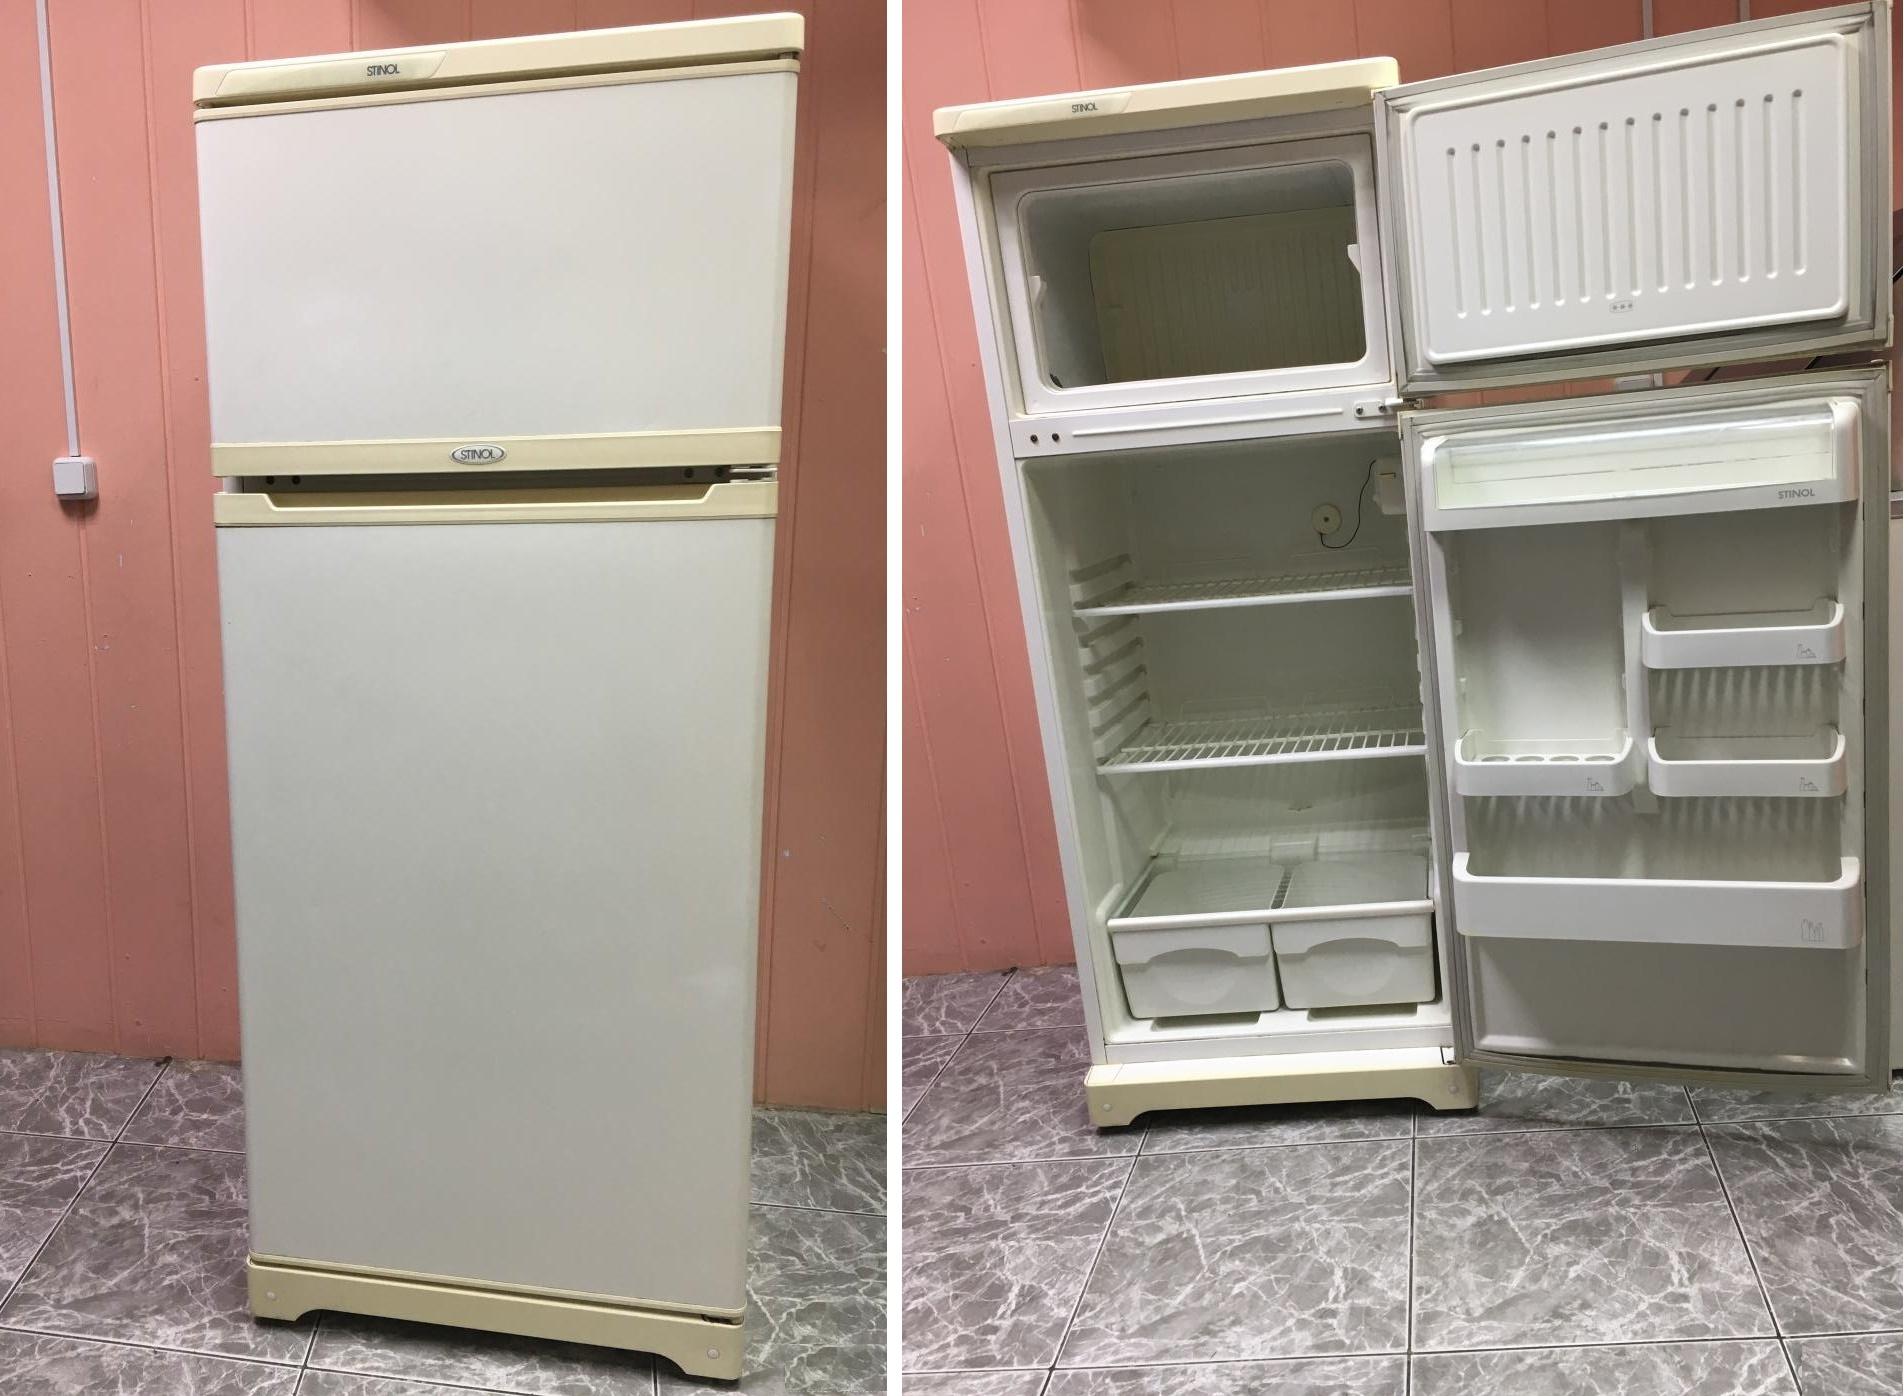 Холодильники Stinol: отзывы, рейтинг лучших моделей + советы покупателям